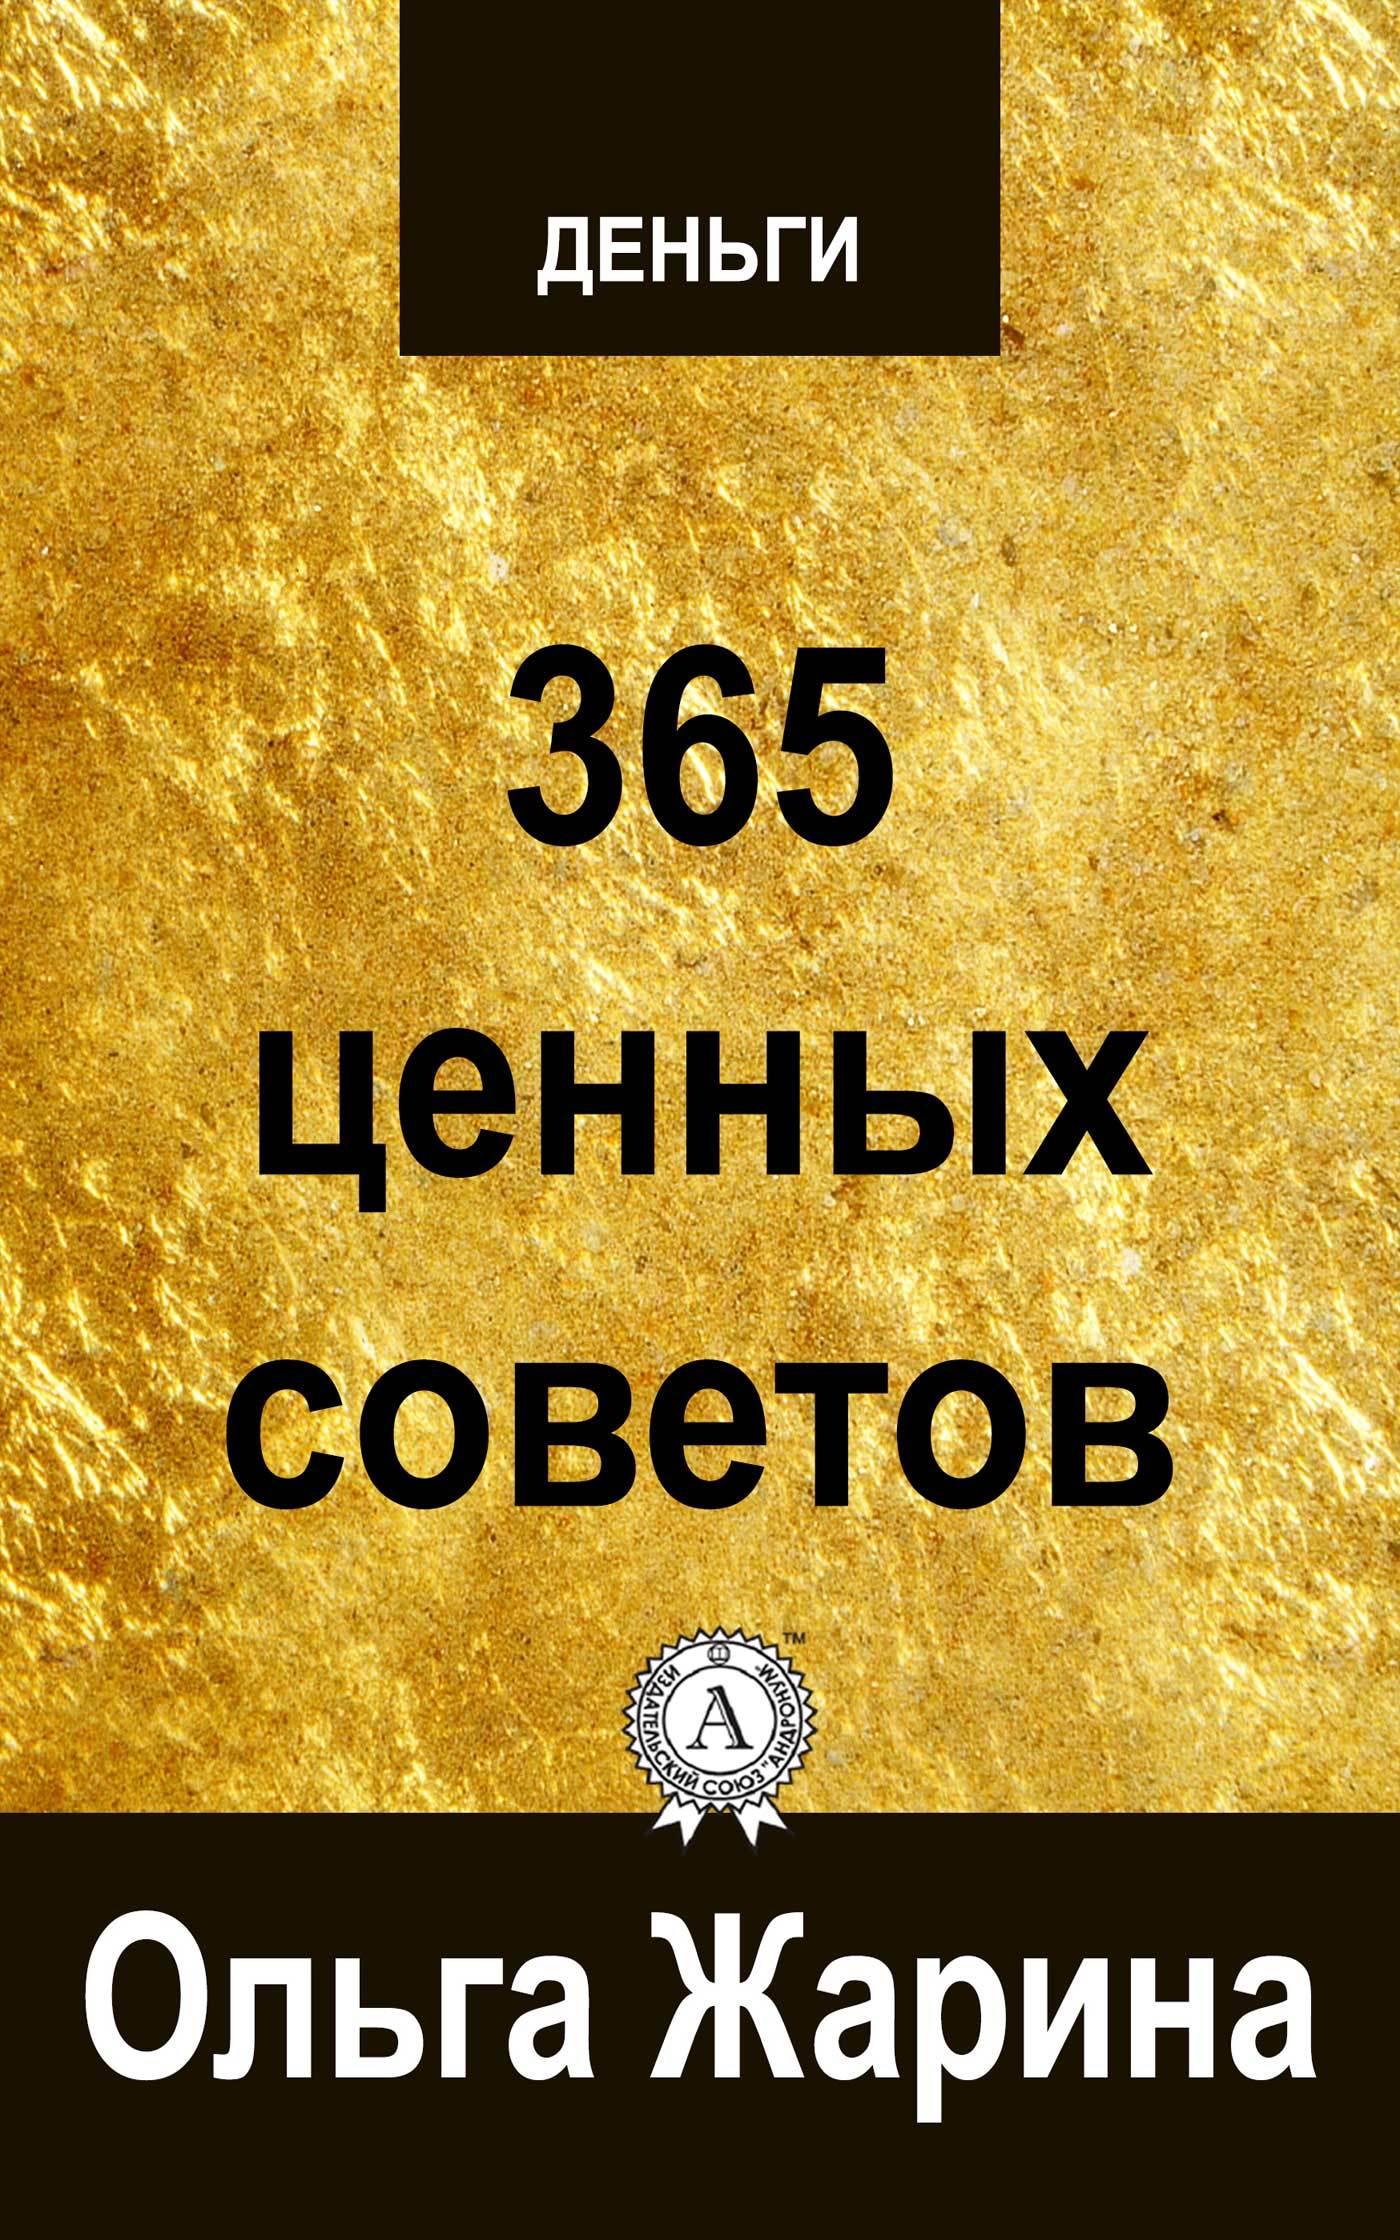 цена на Ольга Жарина Деньги. 365 ценных советов